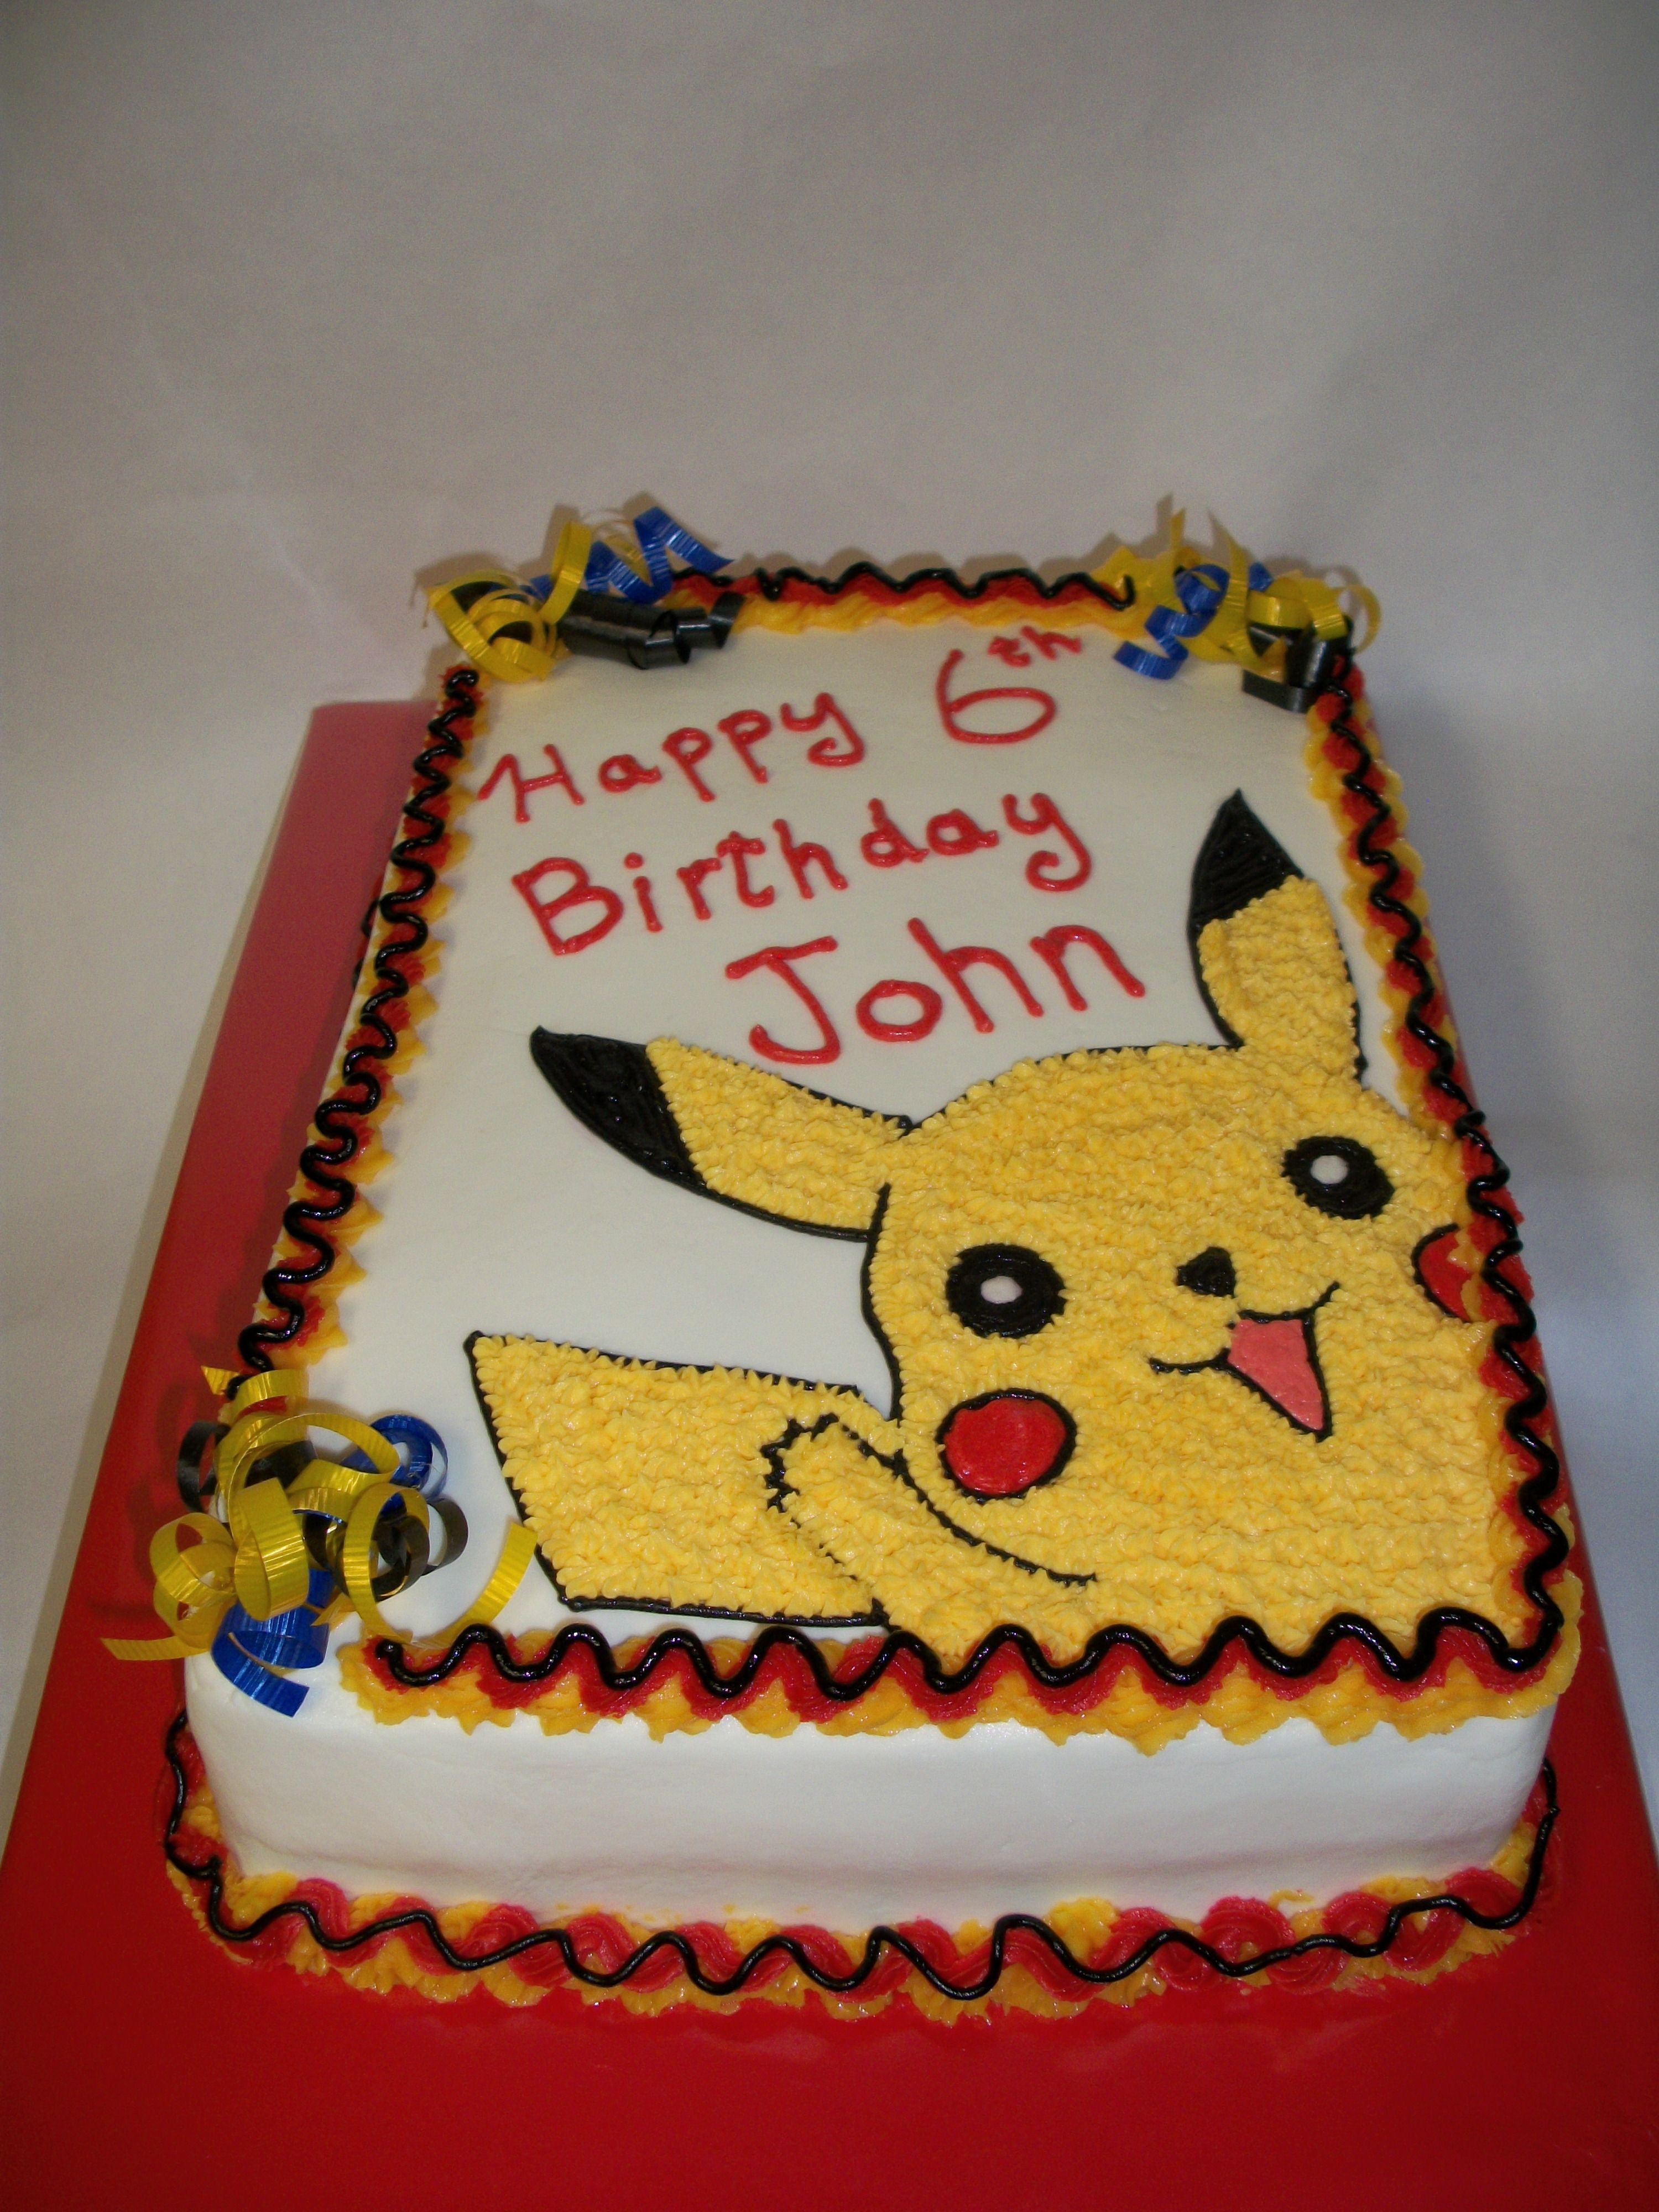 Pokemon cake pictures pokemon cake 75th birthday ideas pinterest cake pictures pok mon - Decoration gateau pokemon ...